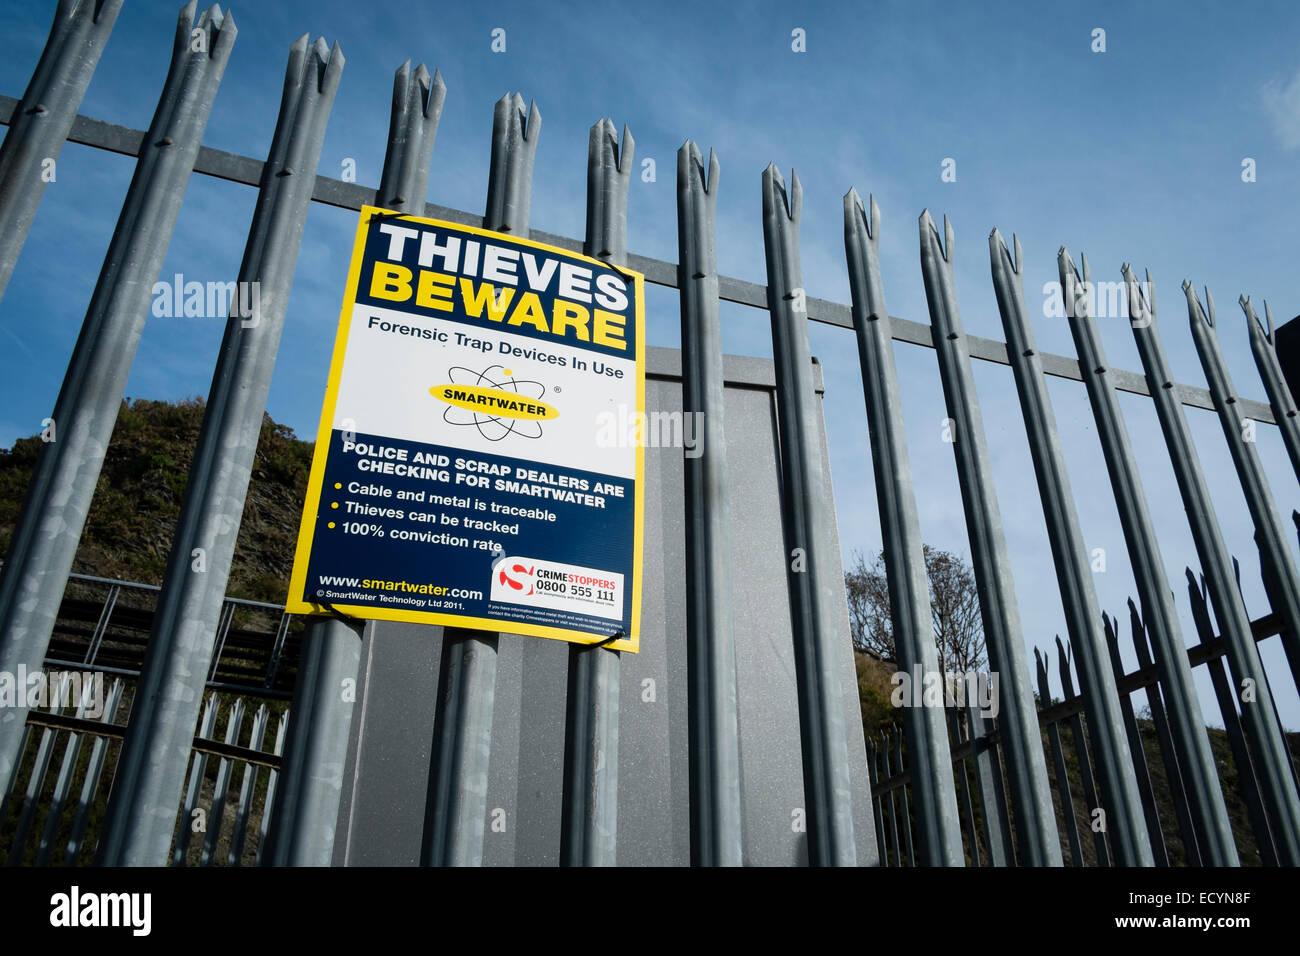 Anti Theft Stock Photos & Anti Theft Stock Images - Alamy